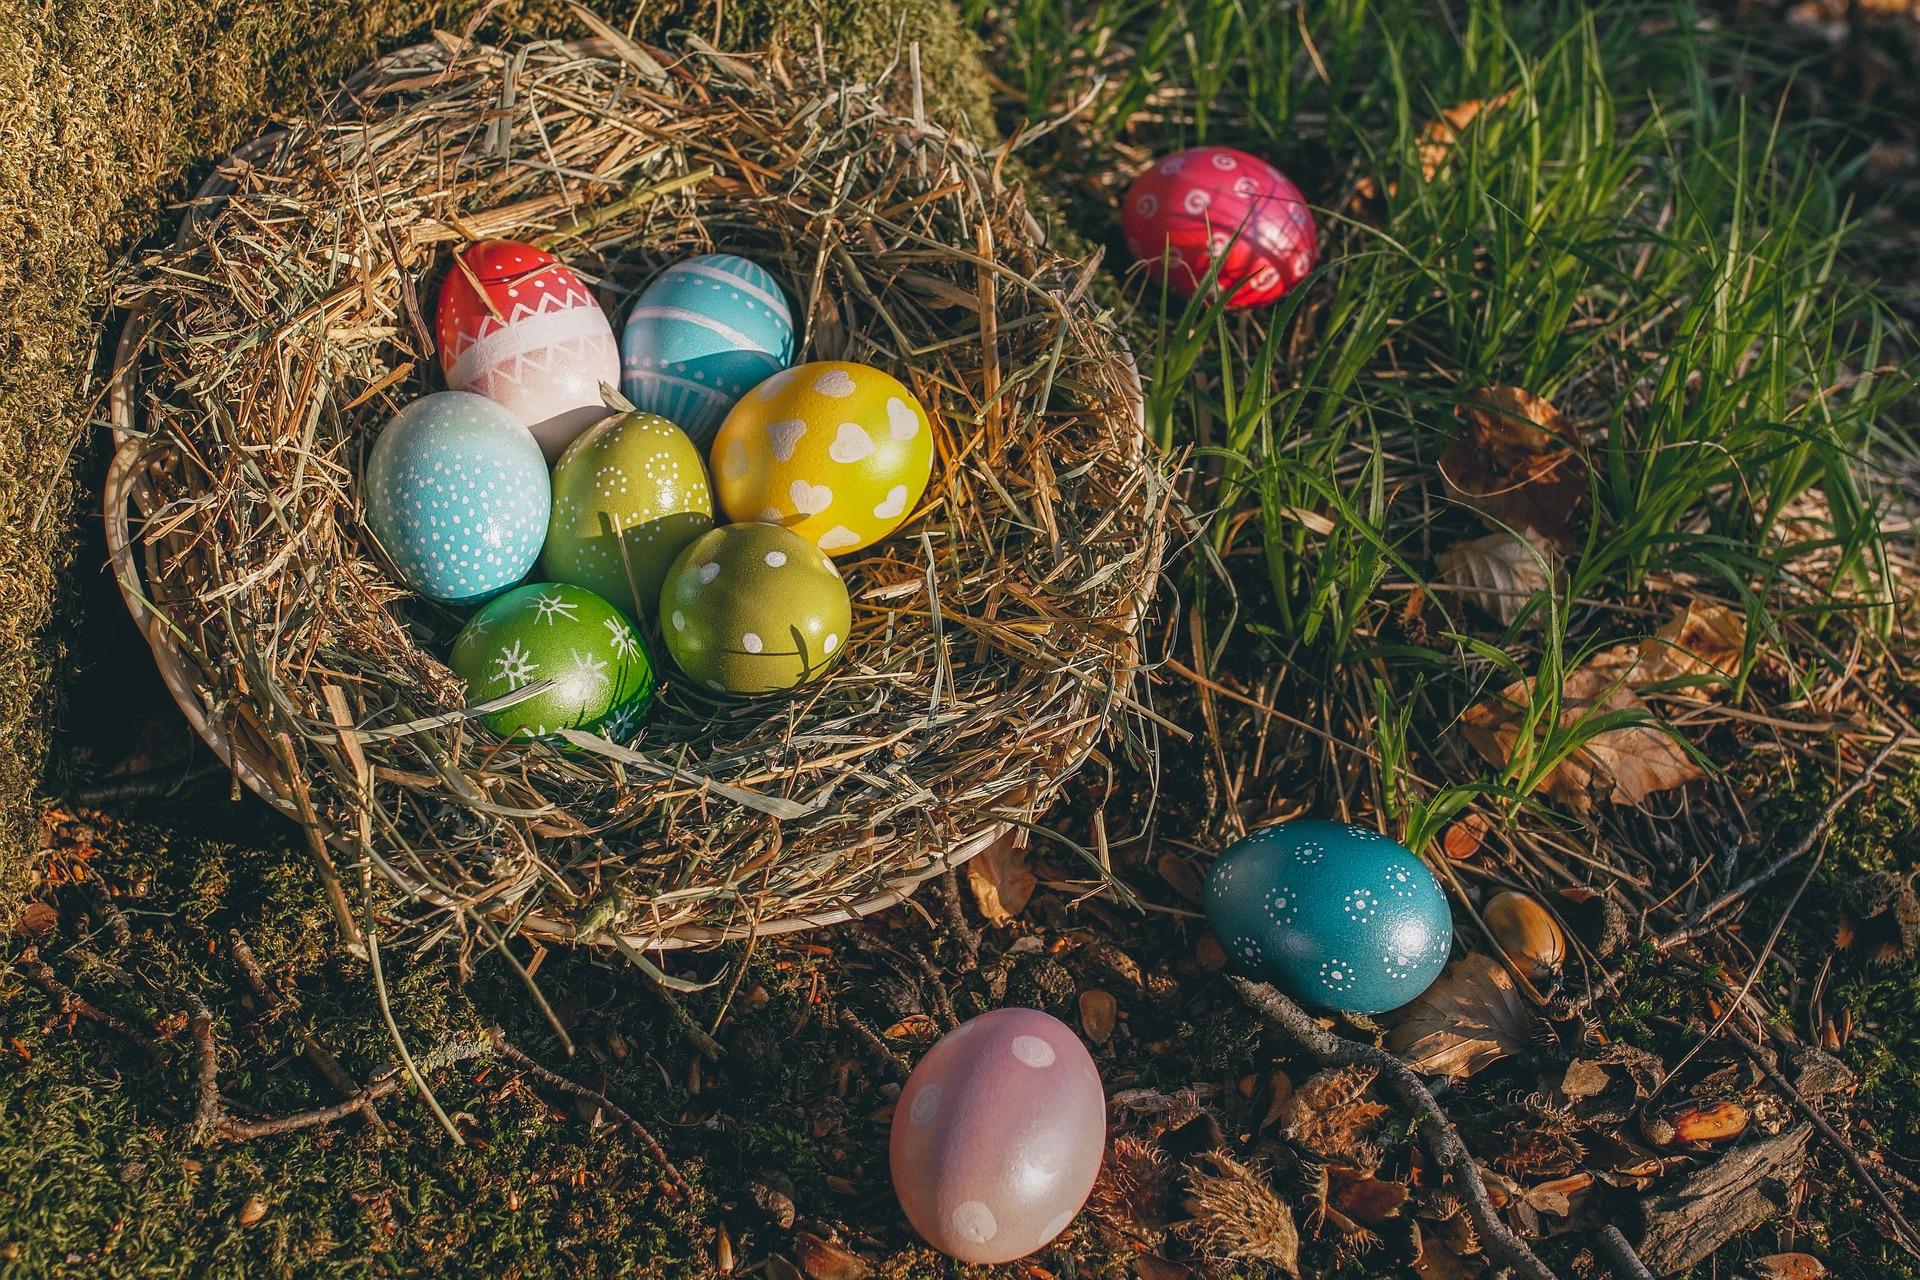 Ošatka z proutí jako velikonoční dekorace